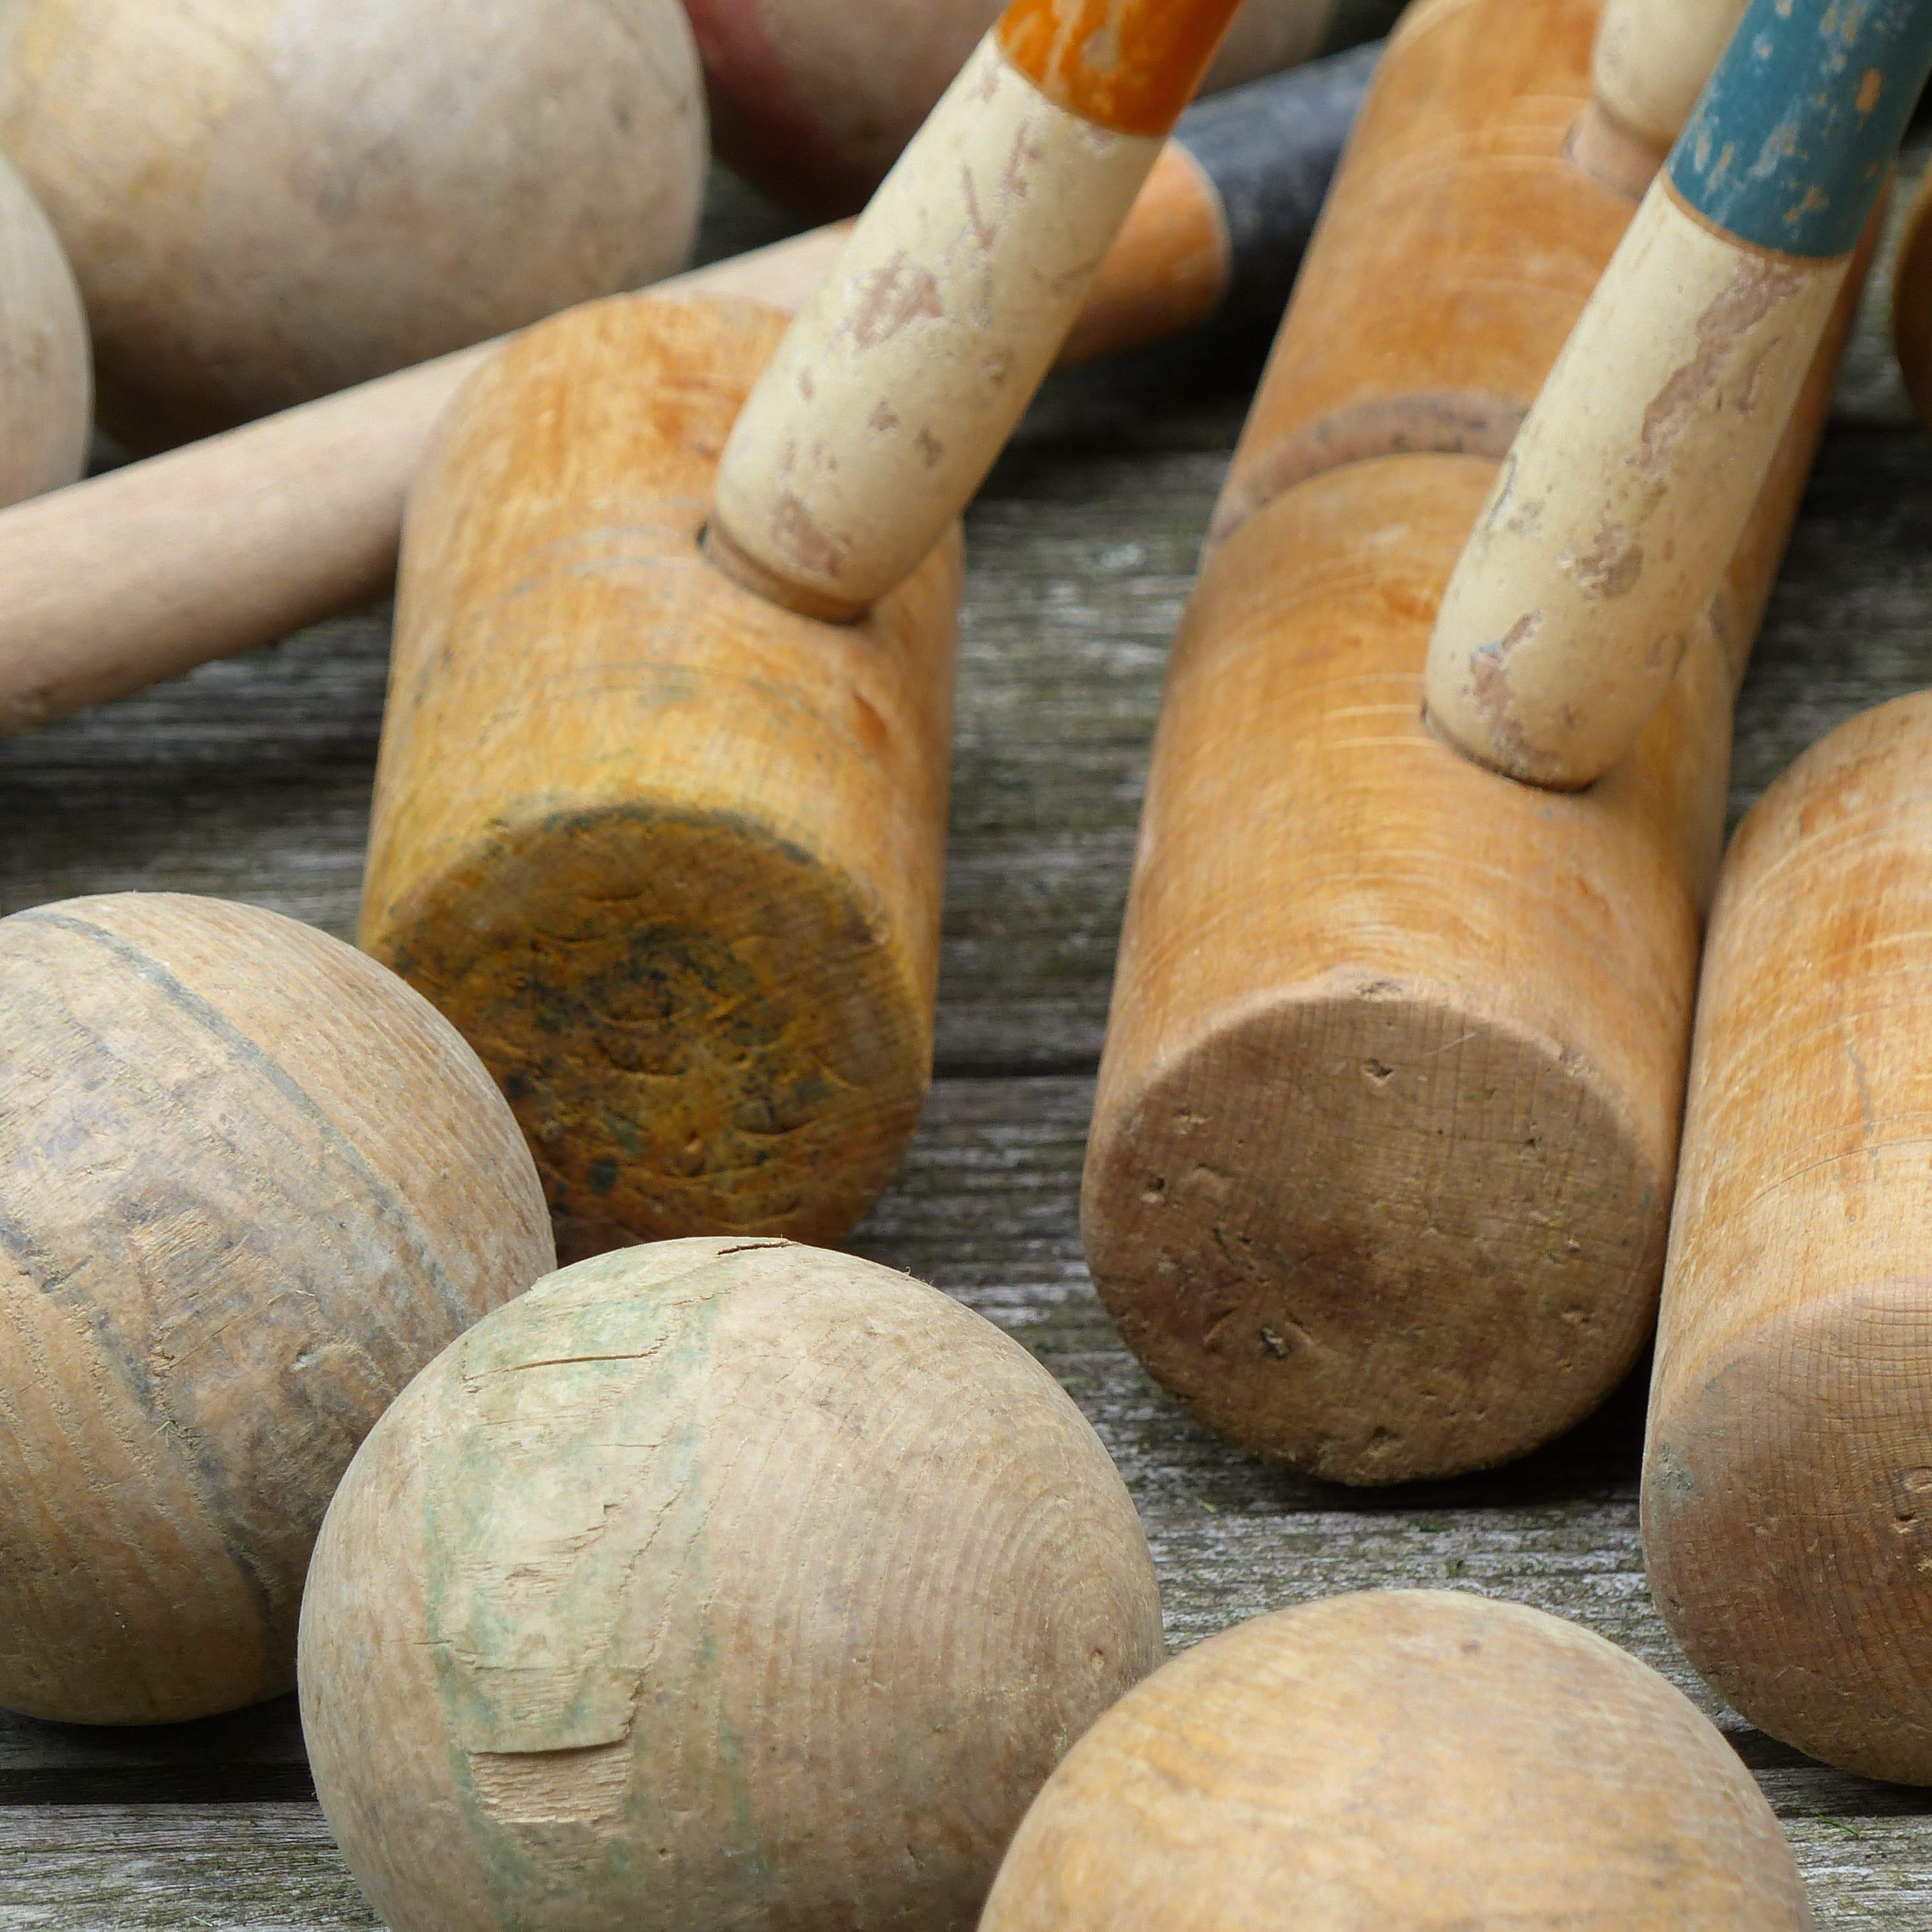 Ancien jeu de croquet en bois  lignedebrocante brocante en ligne  ~ Jeux De Croquet En Bois